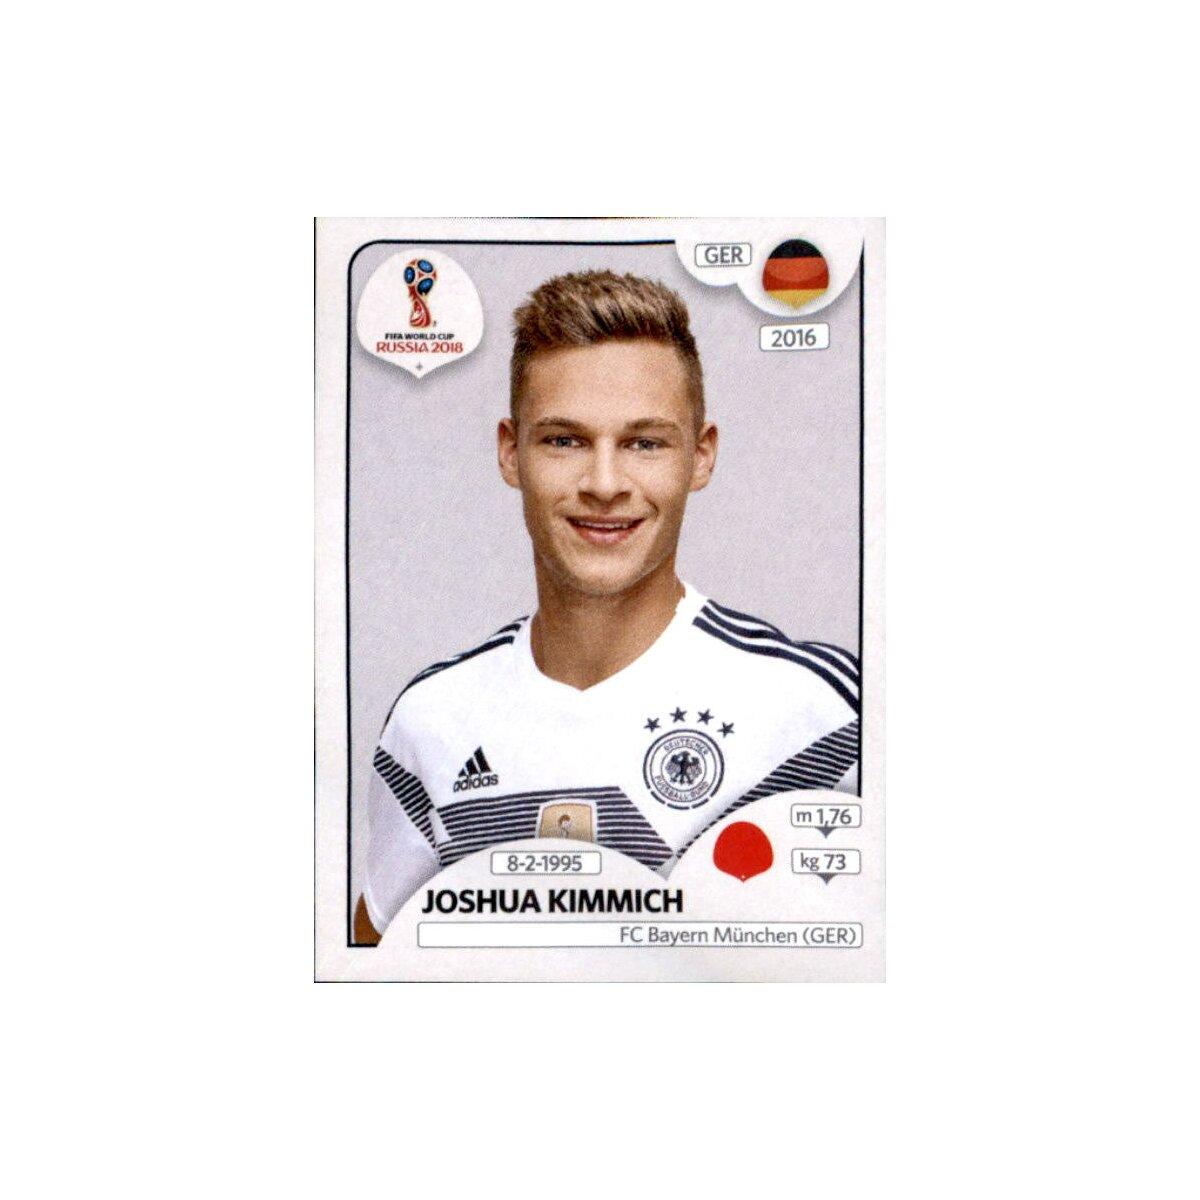 joshua kimmich deutschland